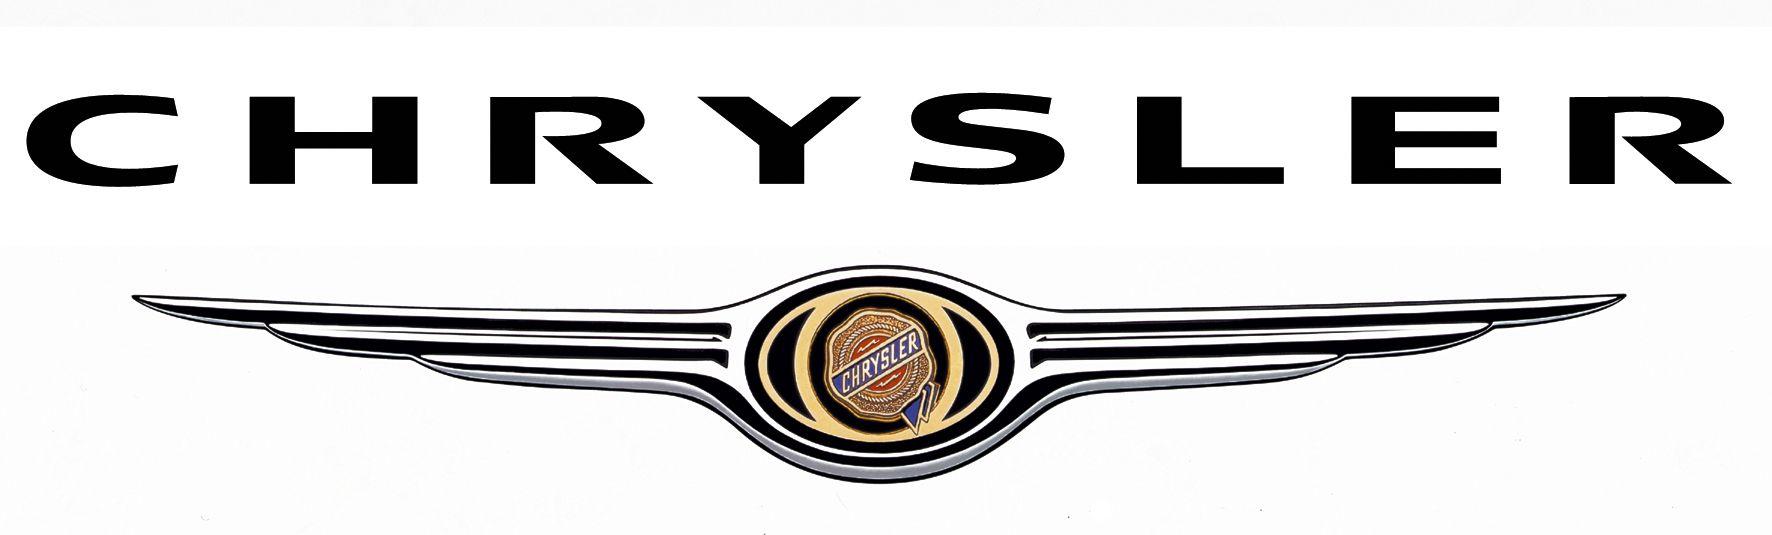 Chrysler Logo Chrysler Logo Car Logos American Car Logos